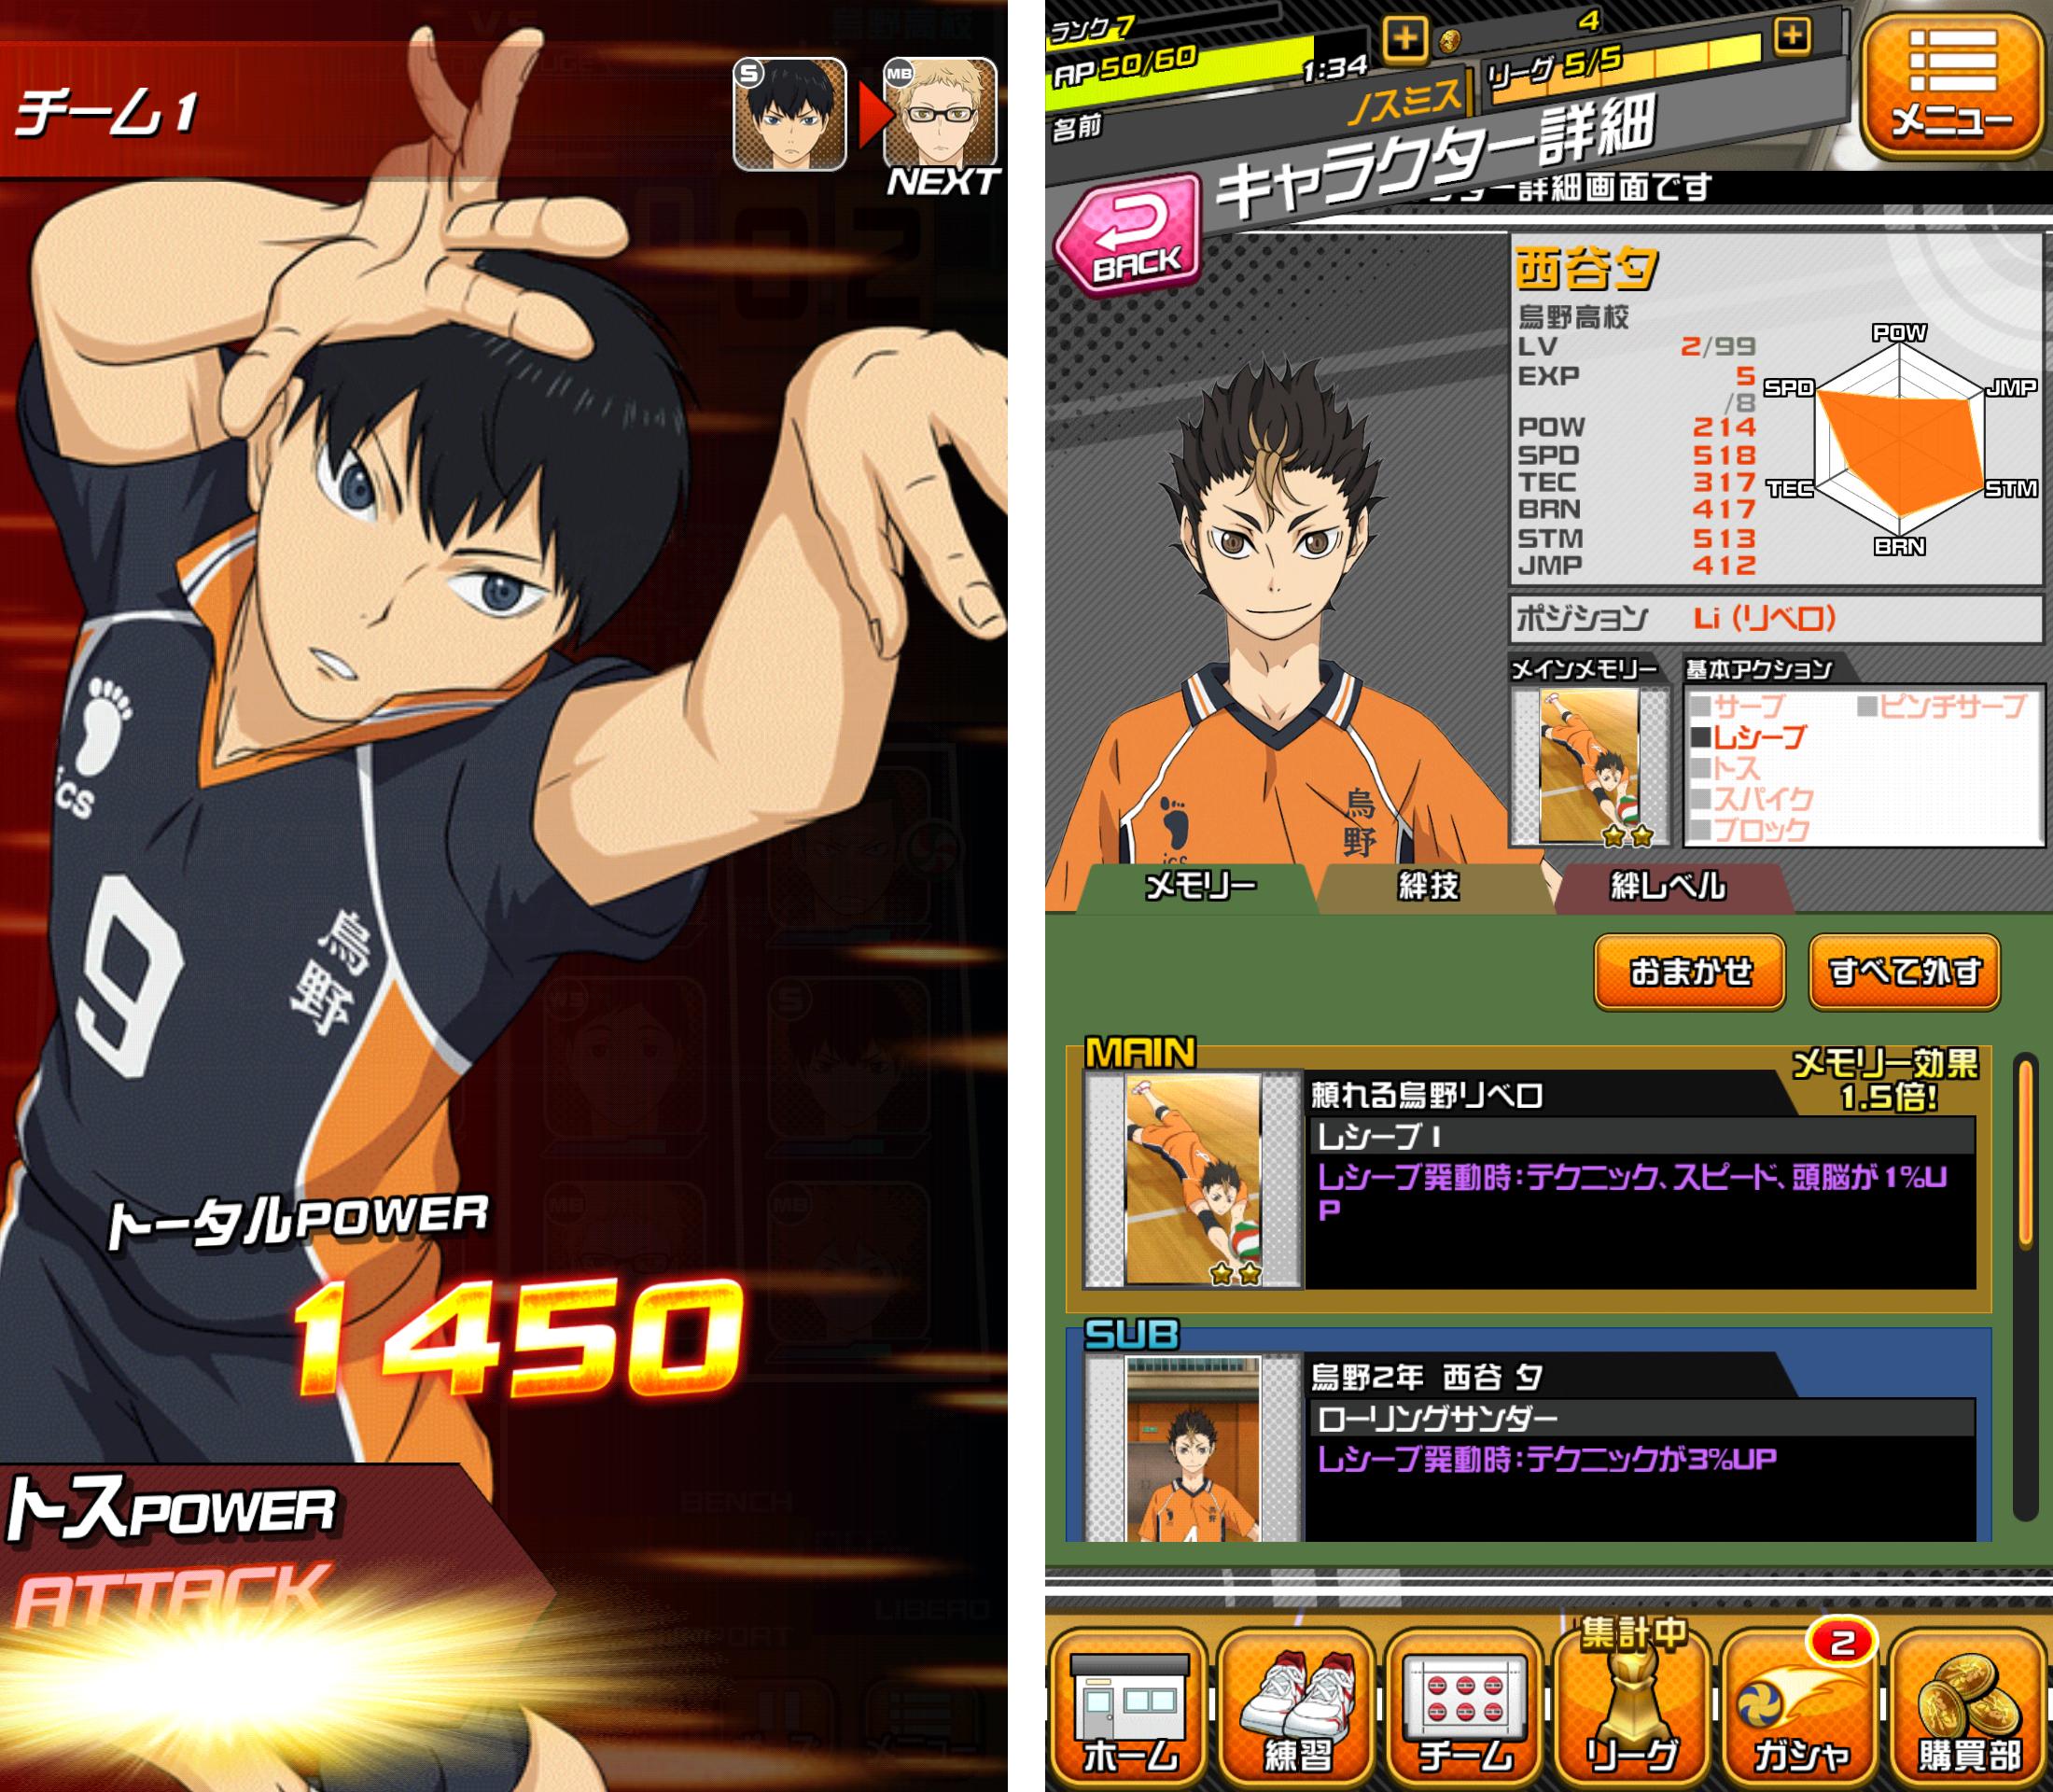 ハイキュー!! ドンピシャマッチ!! androidアプリスクリーンショット2